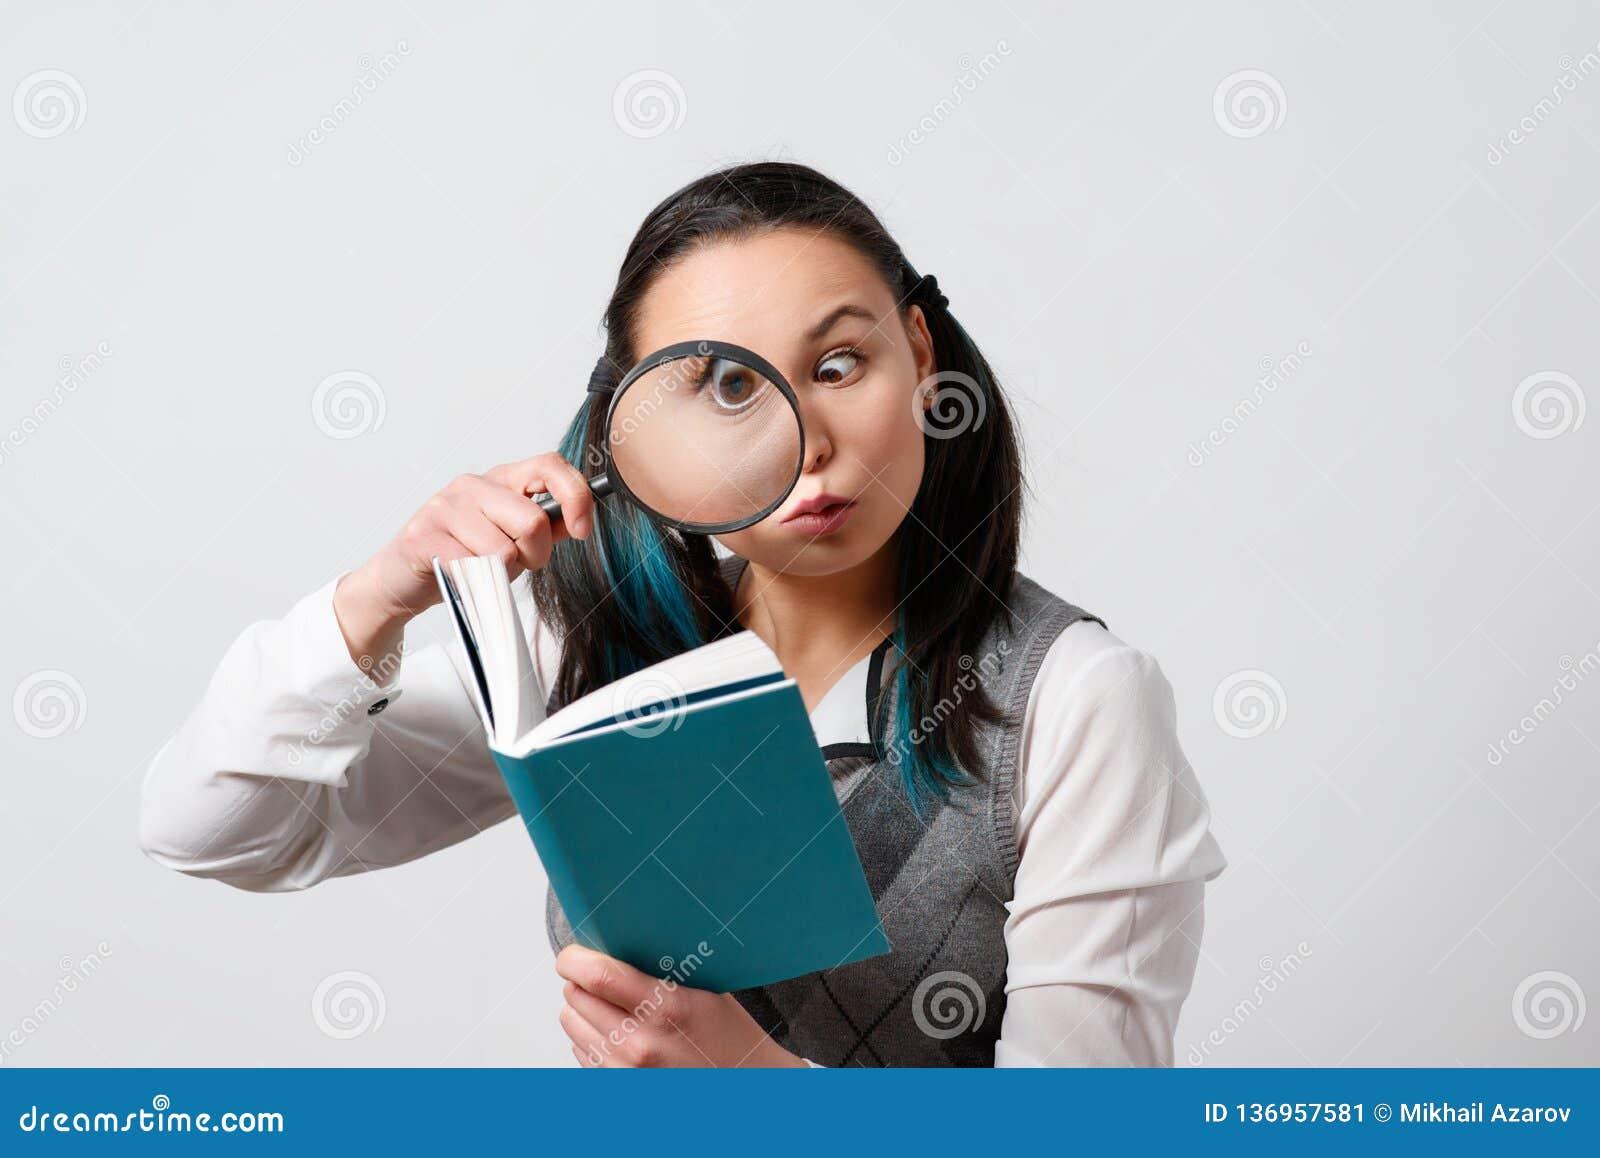 Grappig meisje die een boek door een vergrootglas bekijken Op een grijze achtergrond